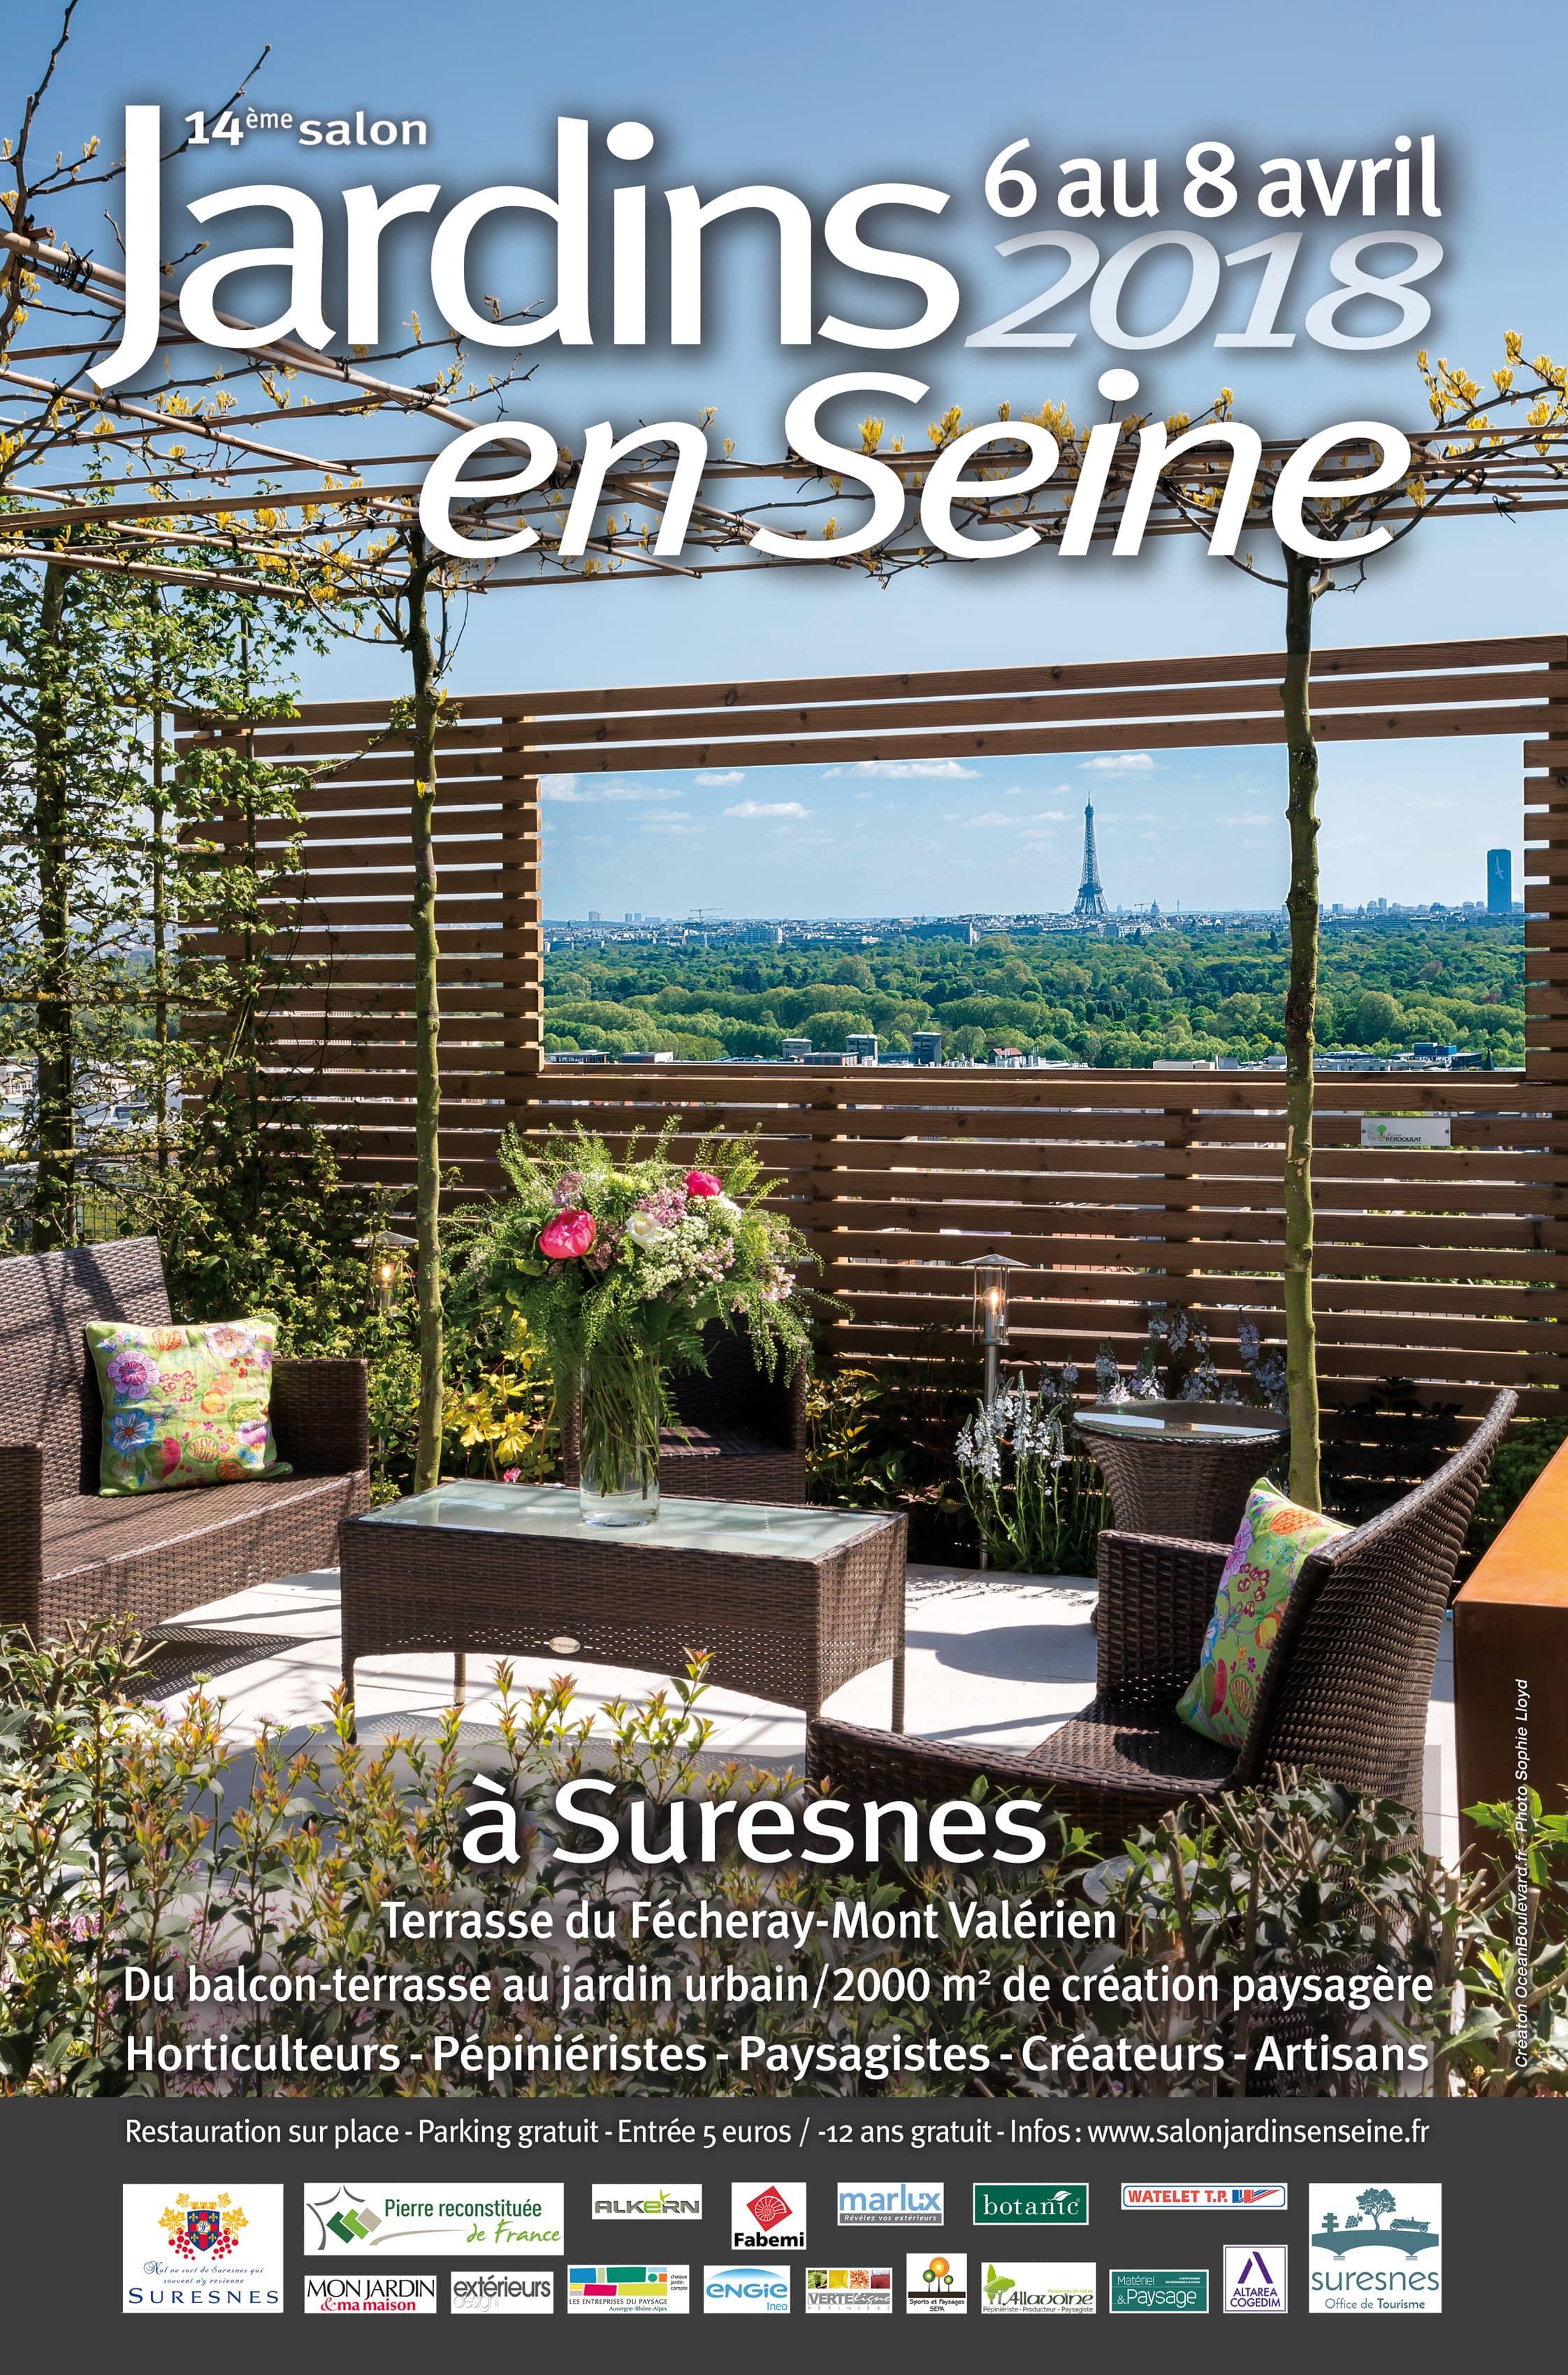 Jardins_Seine2018_A4-min (3)